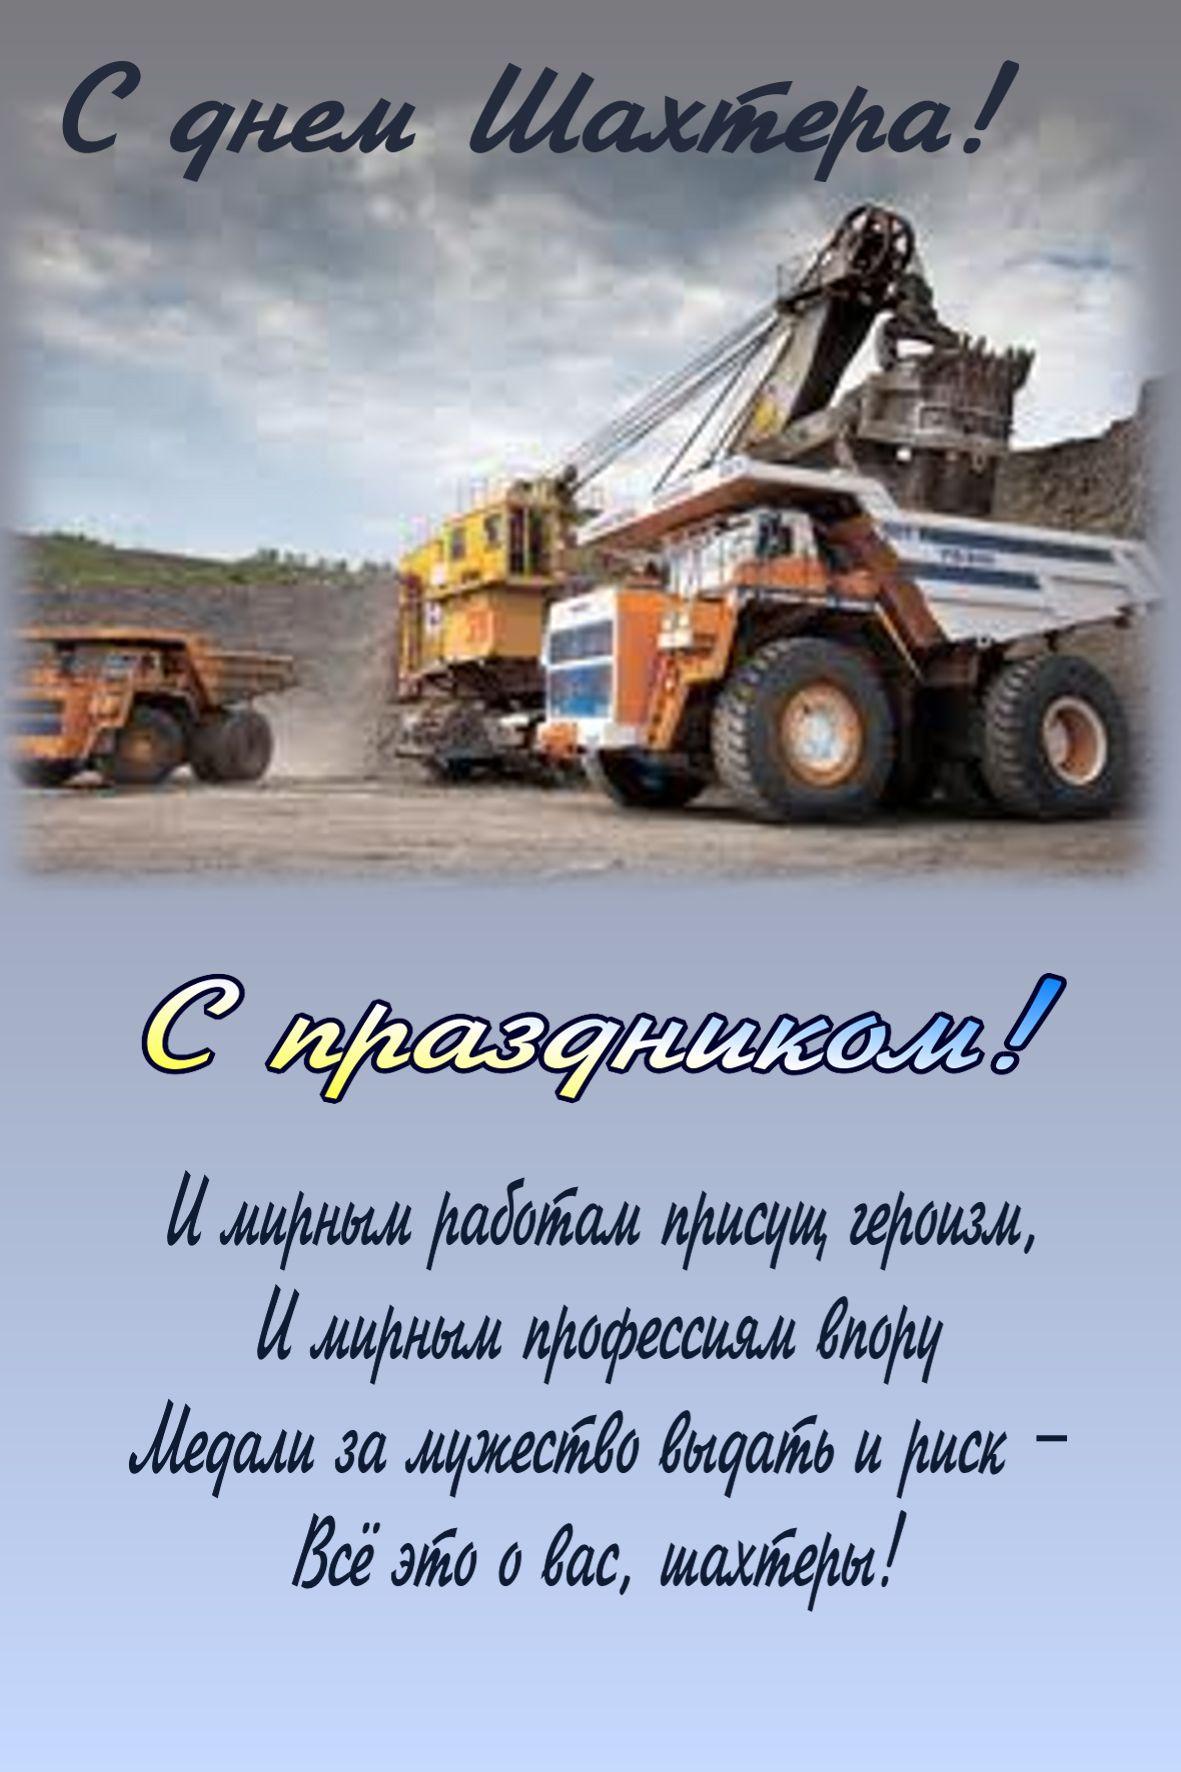 Смешные открытки с днем шахтера, защитником